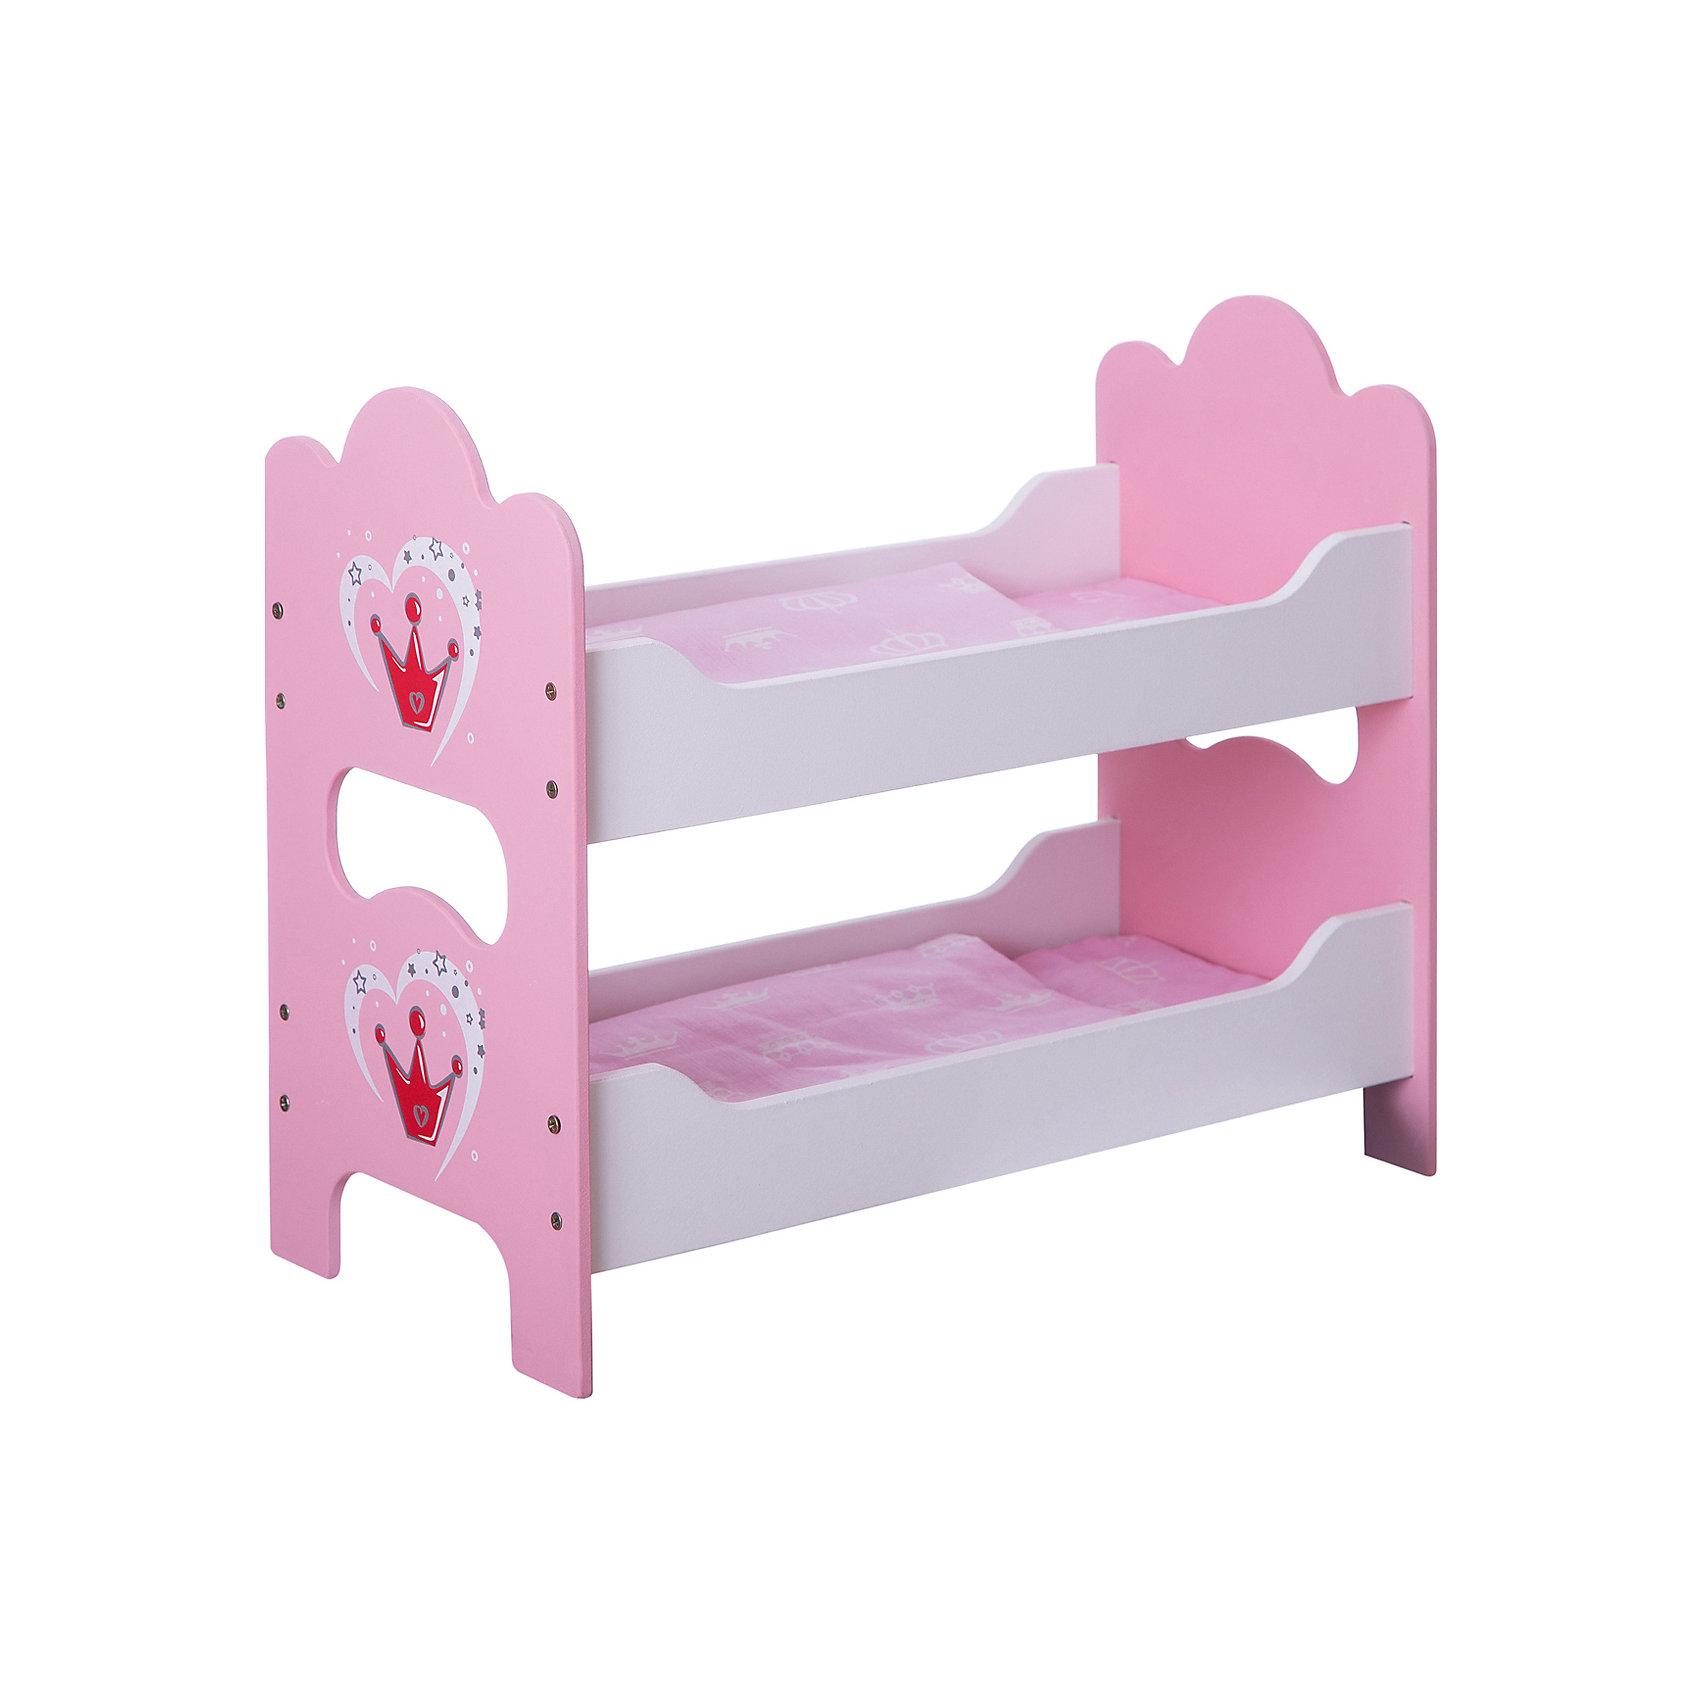 Кроватка деревянная двухспальная Корона, Mary PoppinsДомики и мебель<br>Кроватка деревянная двухспальная Корона от популярного российского бренда кукол и аксессуаров Mary Poppins (Мэри Поппинс). Яркая двухспальная кроватка так понравится вашим куклам, что они захотят спать только в ней! Кроватка выглядит как настоящая, а при необходимости разбирается. Кроватка изготовлена из дерева, что обеспечивает прочность и безопасность игрушки. В комплект входит два набора постельного белья. <br>Дополнительная информация:<br><br>- В комплект входит: двухспальная кроватка в разобранном виде, 2 матраса, 2 одеяла, 2 подушки<br>- Материал: дерево, текстиль<br>- Размер: 53 x 8 x 33 см<br><br>Кроватку деревянную двухспальную Корона, Mary Poppins (Мэри Поппинс) можно купить в нашем интернет-магазине.<br><br>Подробнее:<br>• Для детей в возрасте: от 3 до 10 лет<br>• Номер товара: 4925534<br>Страна производитель: Китай<br><br>Ширина мм: 530<br>Глубина мм: 80<br>Высота мм: 325<br>Вес г: 10000<br>Возраст от месяцев: 36<br>Возраст до месяцев: 120<br>Пол: Женский<br>Возраст: Детский<br>SKU: 4925534